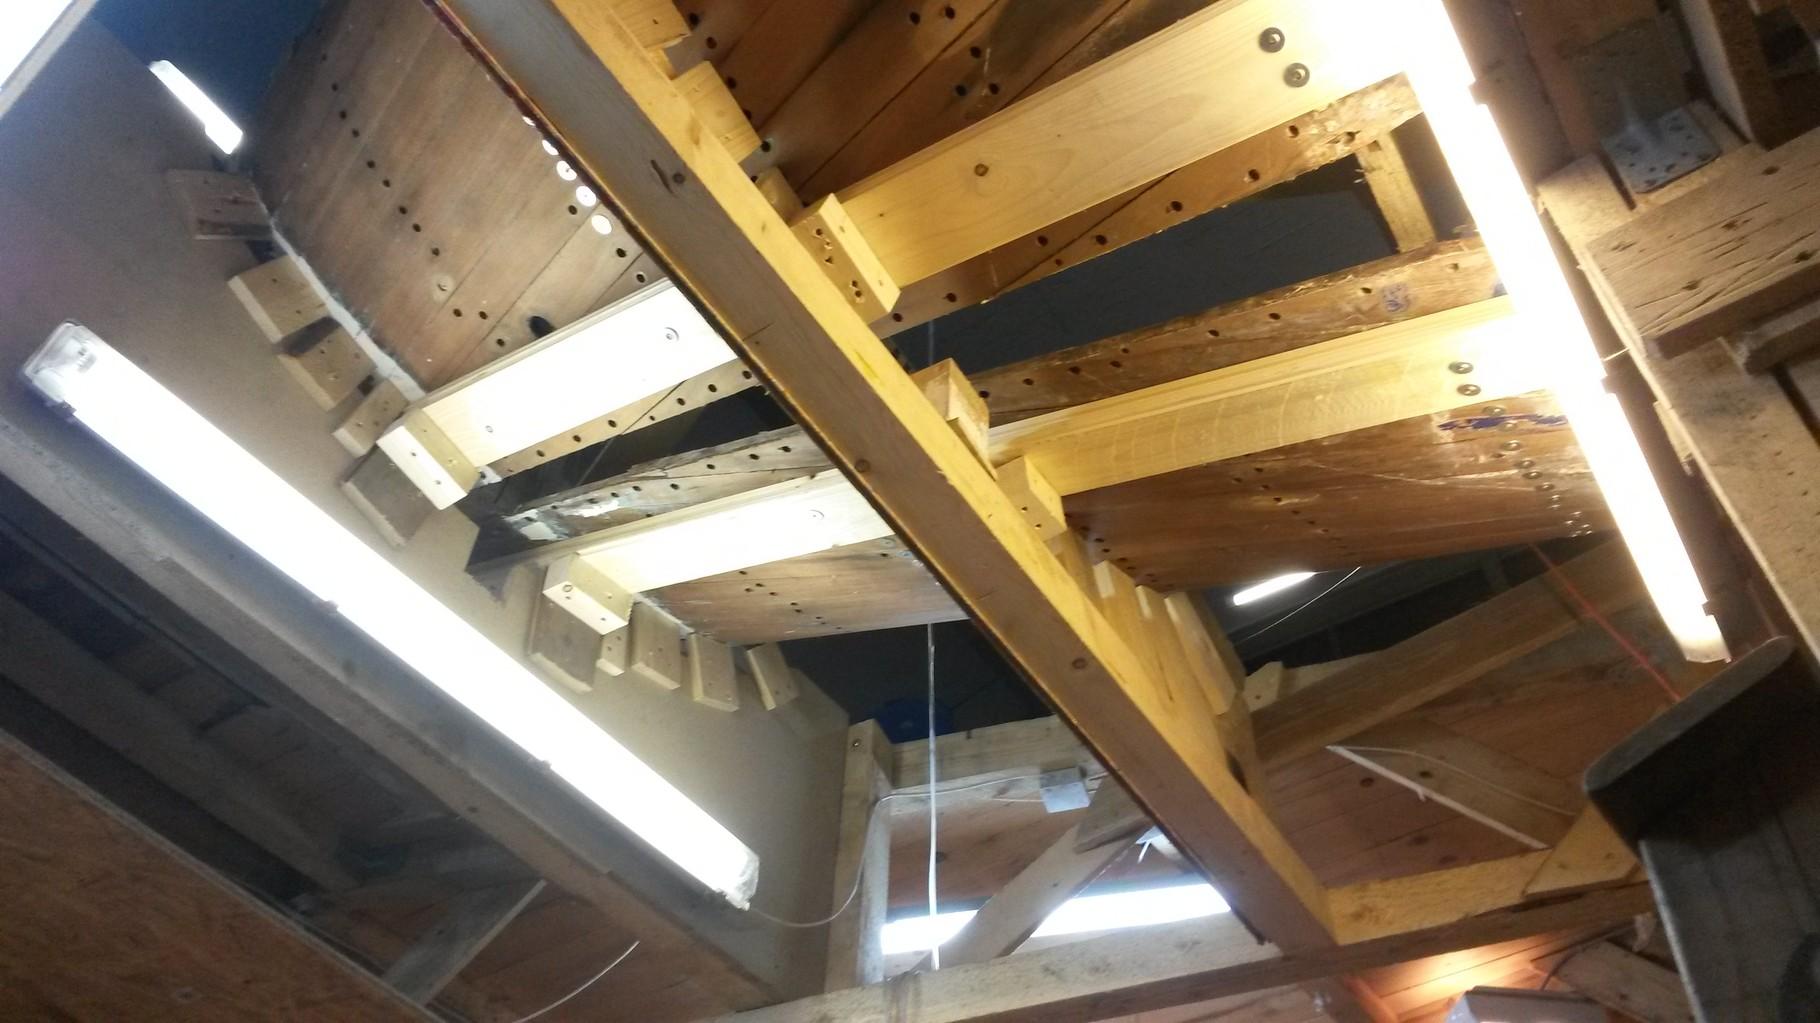 Das Heck von unten ohne den alten Heckbalken. Umständliche Lösungen momentan, die Alternative wäre gewesen, in das Schiff ein stabileres Mallengrüst zu bauen, um dann die Planken zu demontieren.